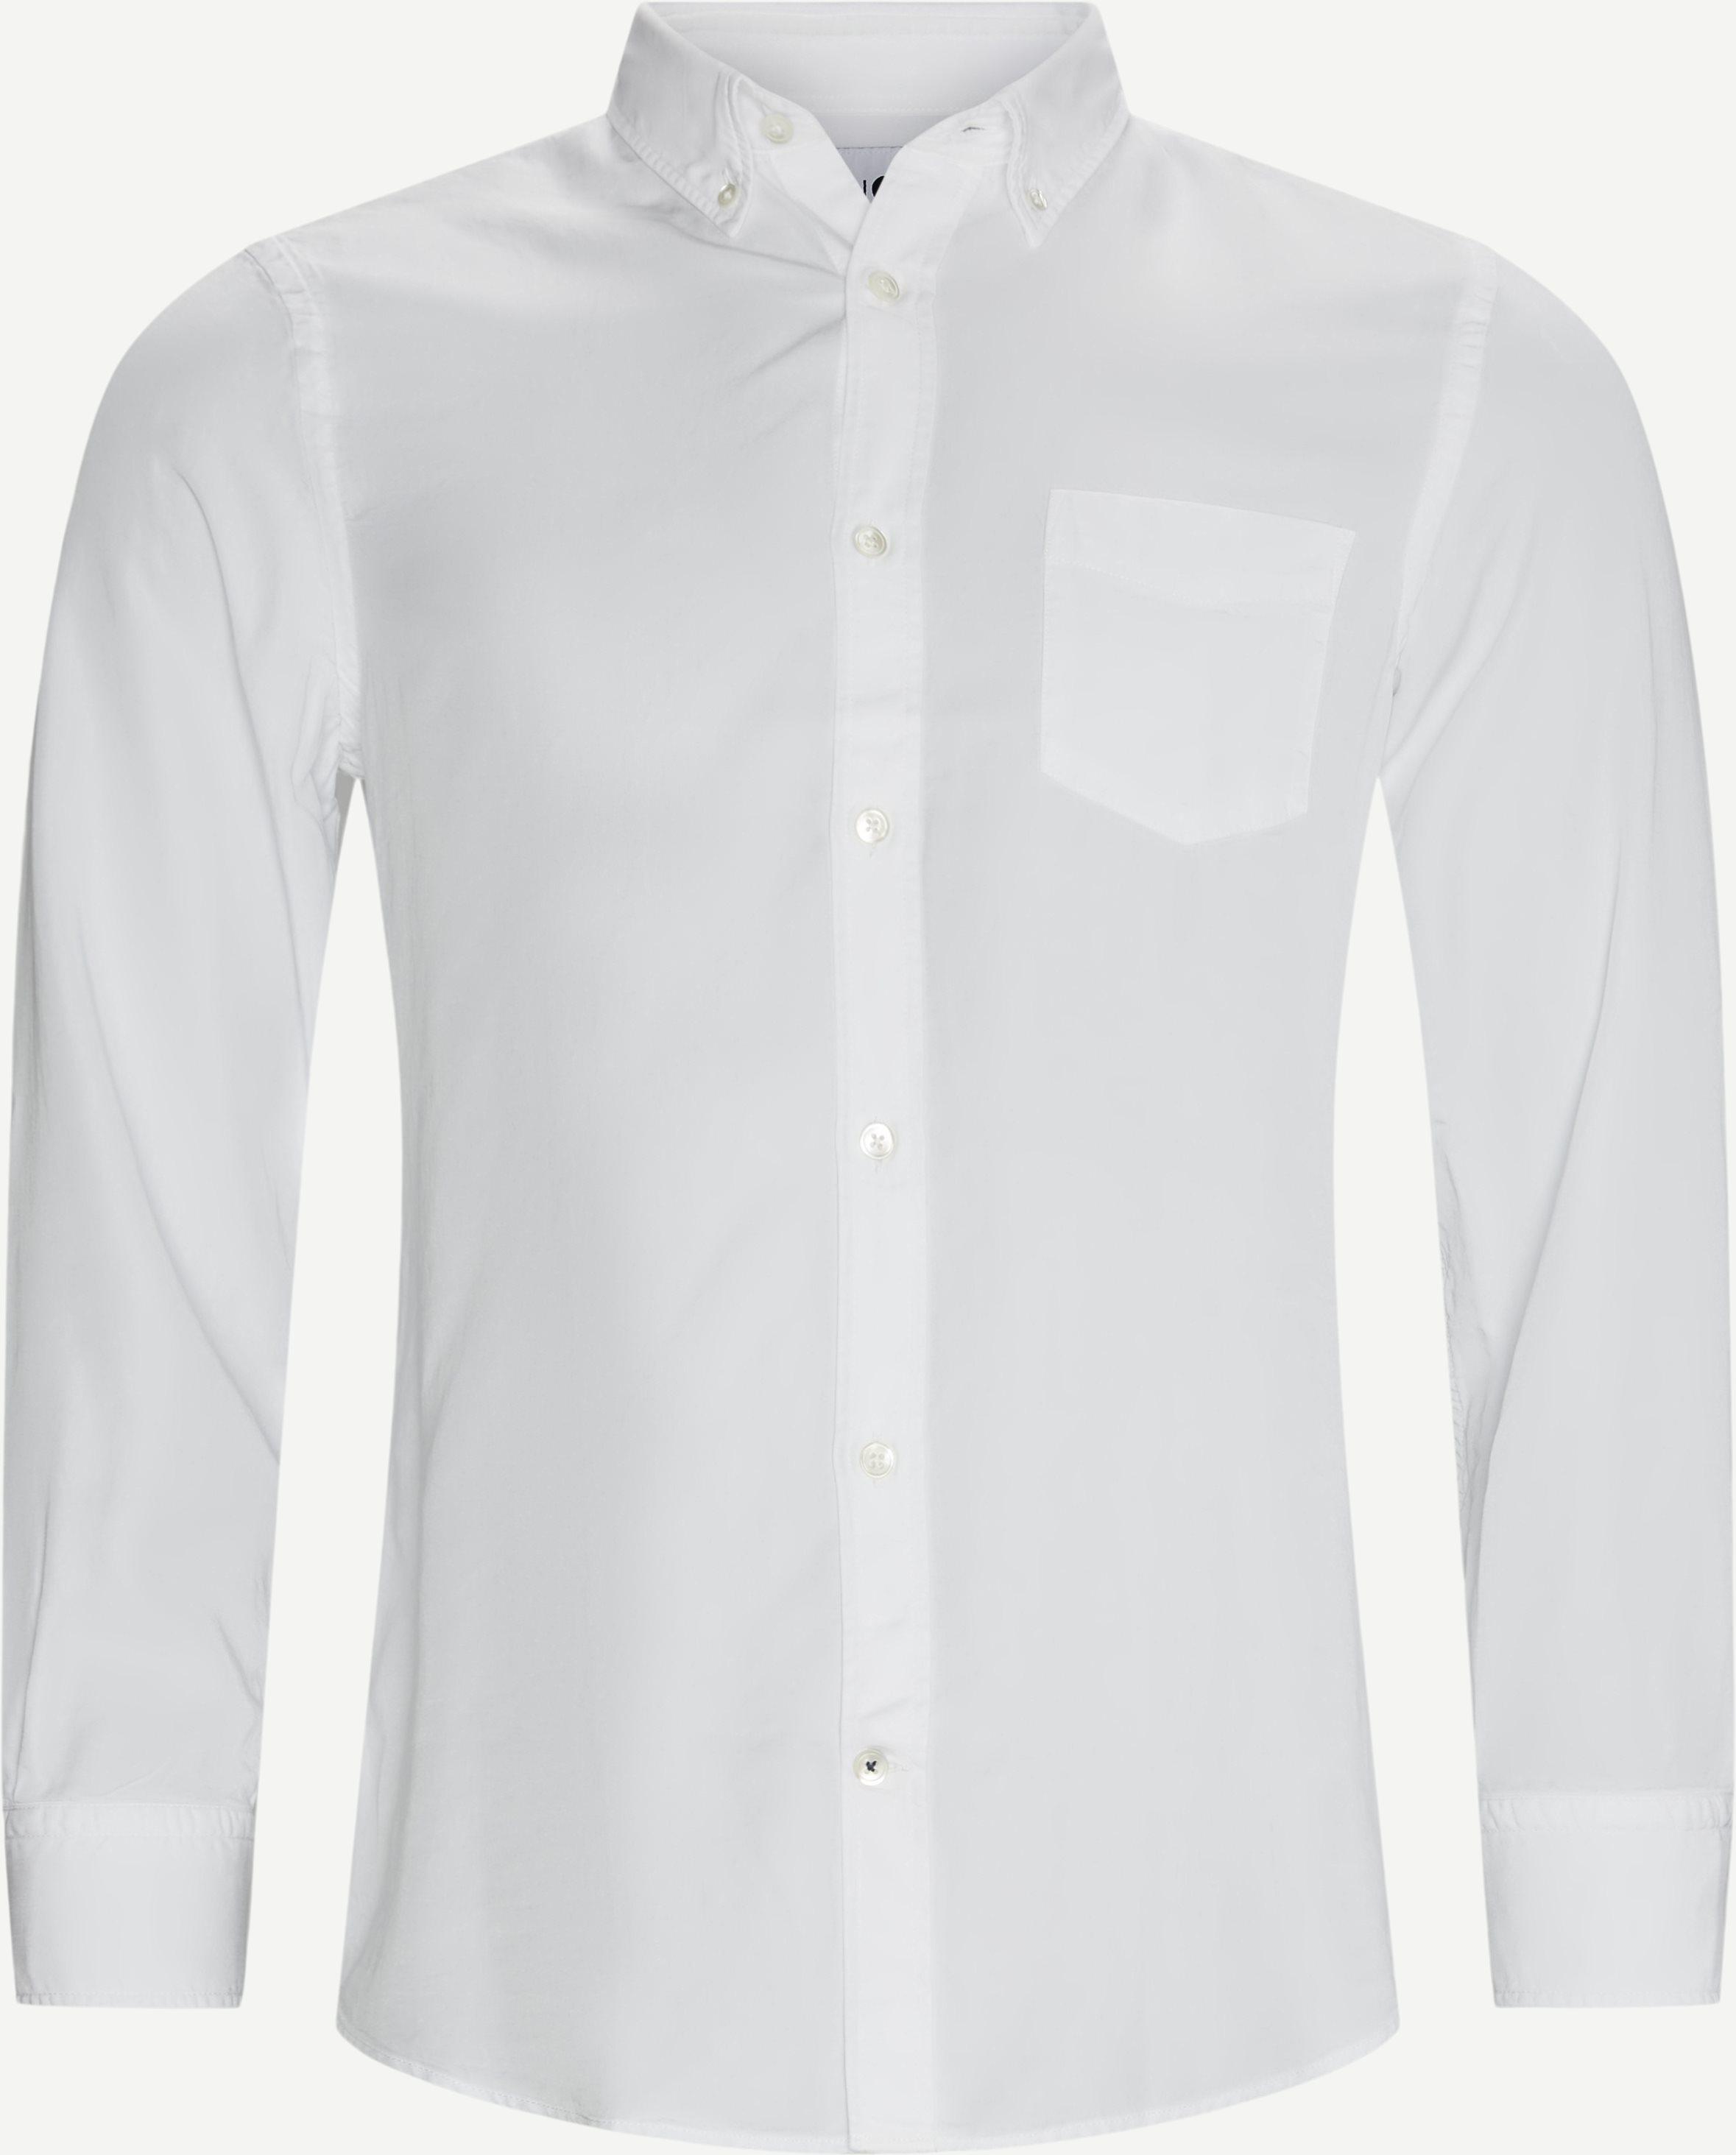 Manza Shirt - Skjortor - Regular - Vit